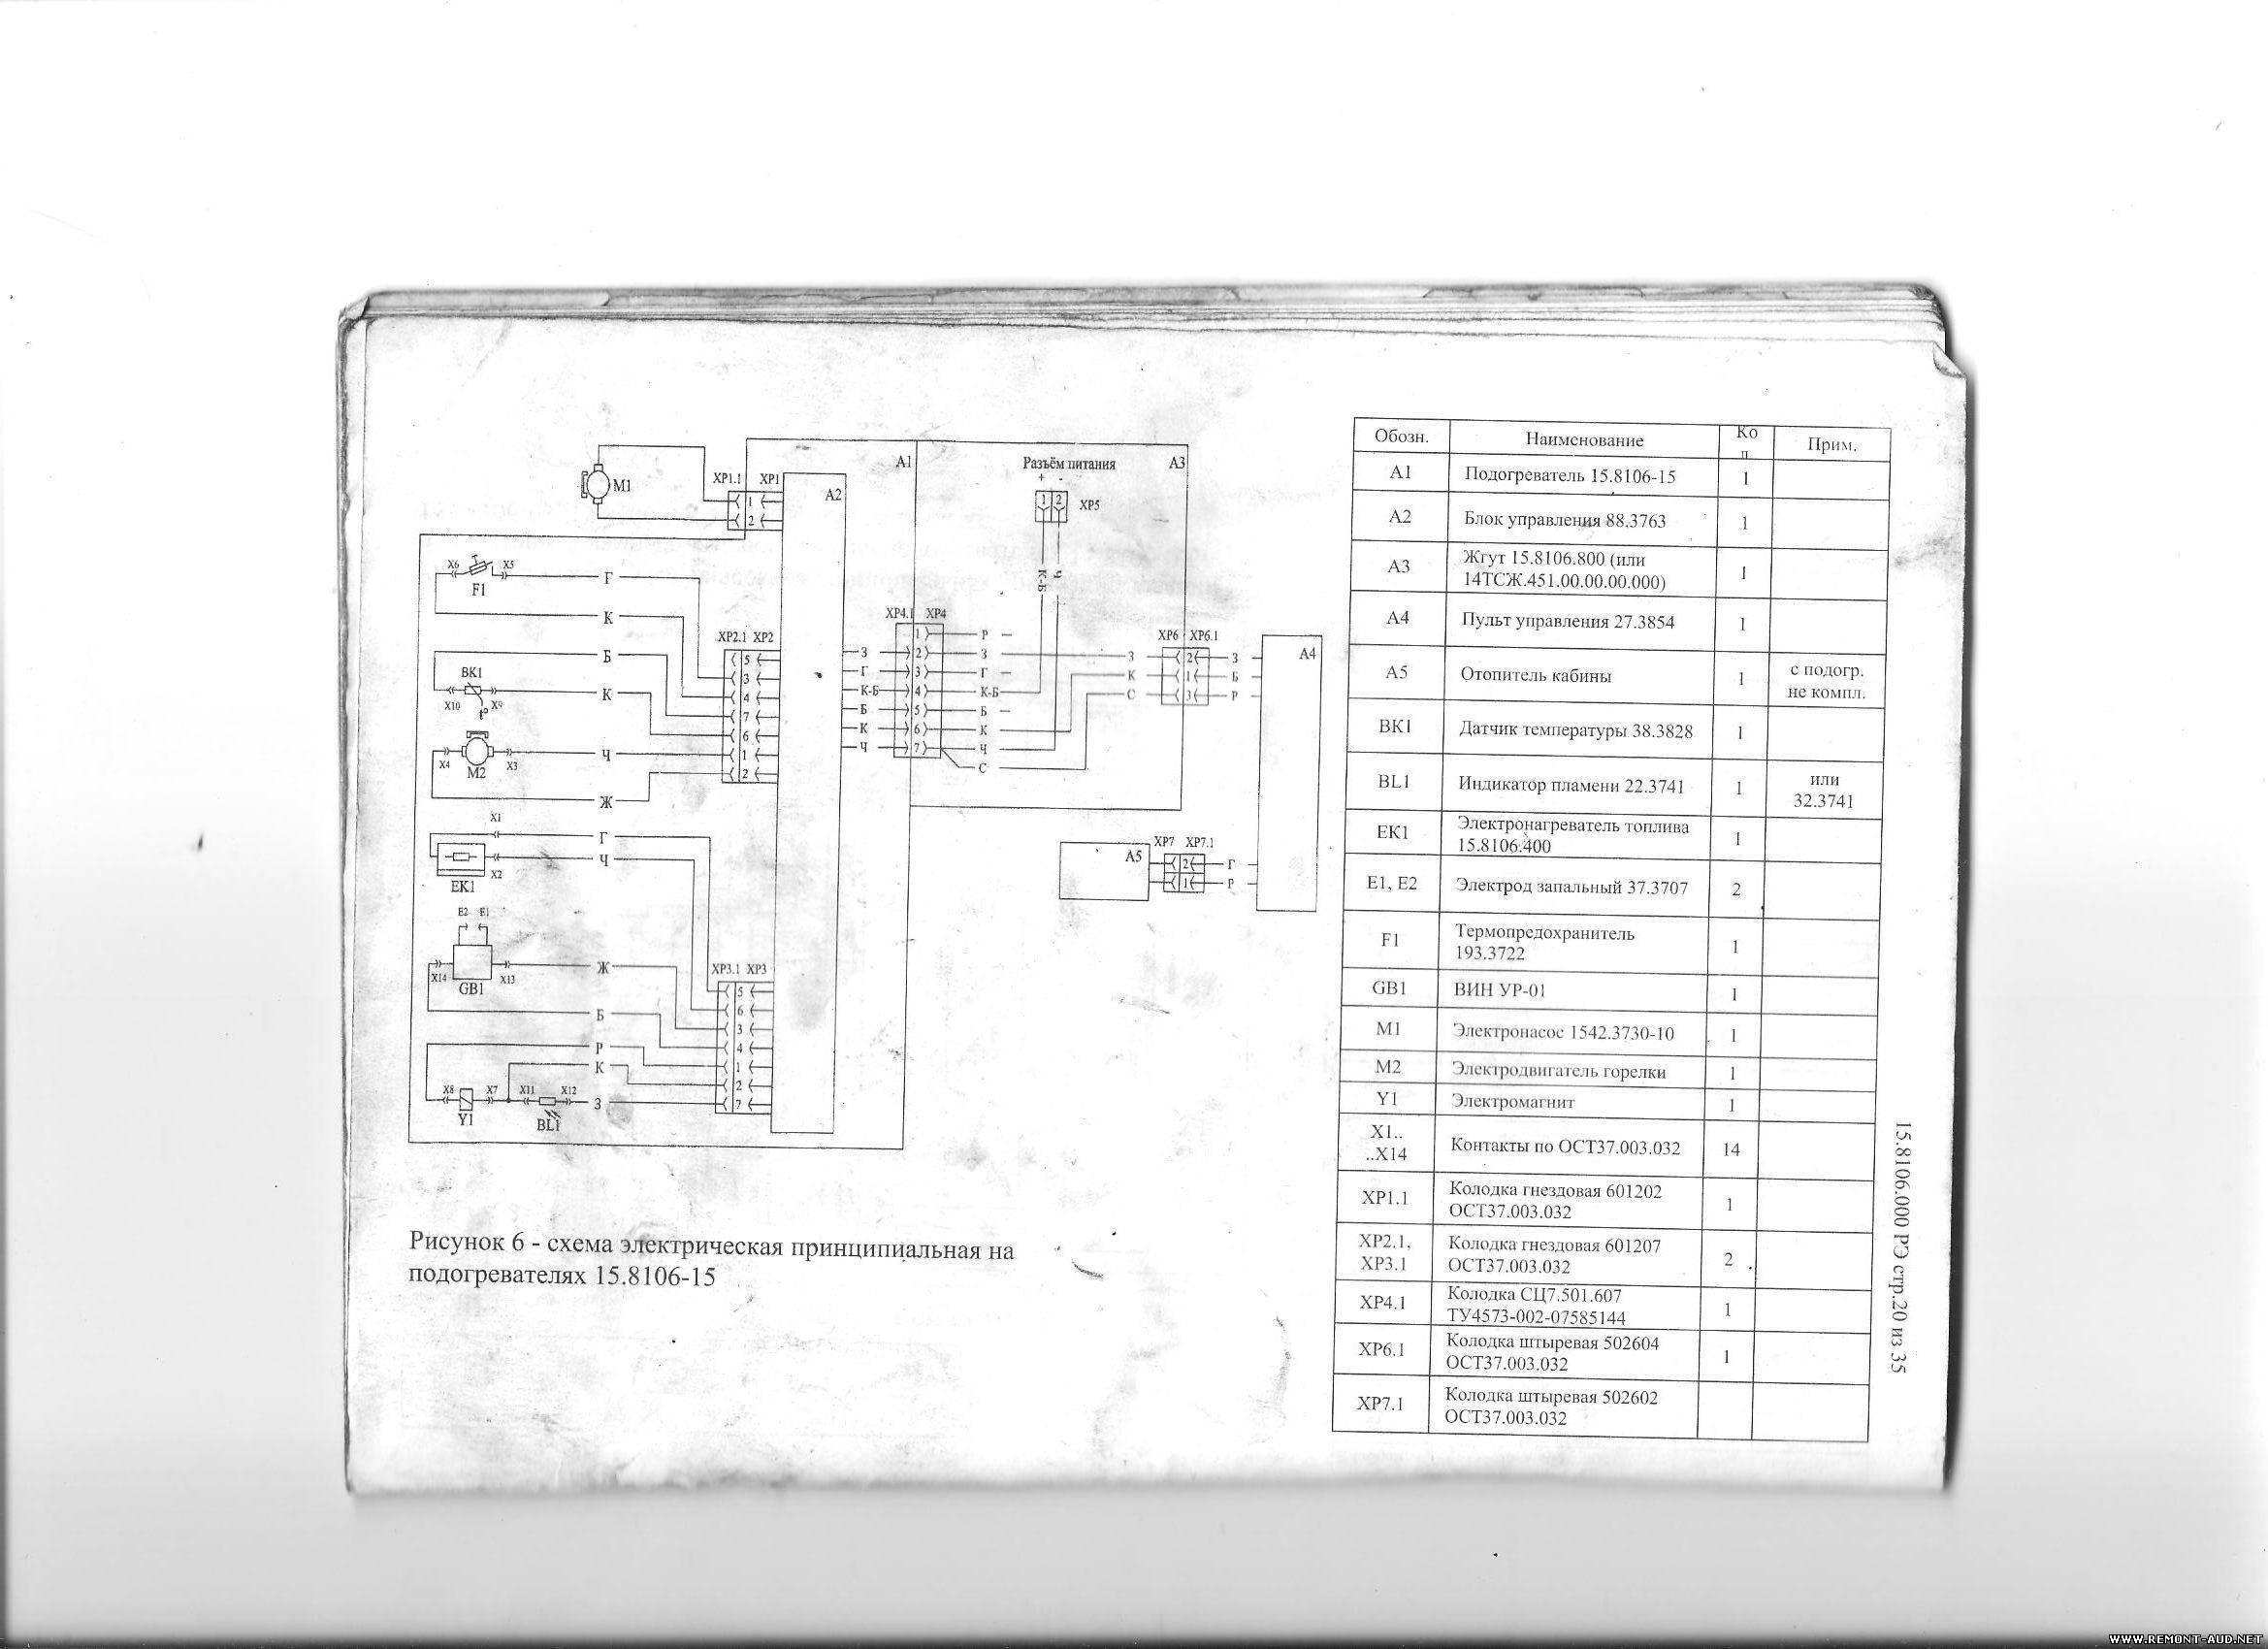 инструкция предпускового подогревателя 15 8106 01 на камаз